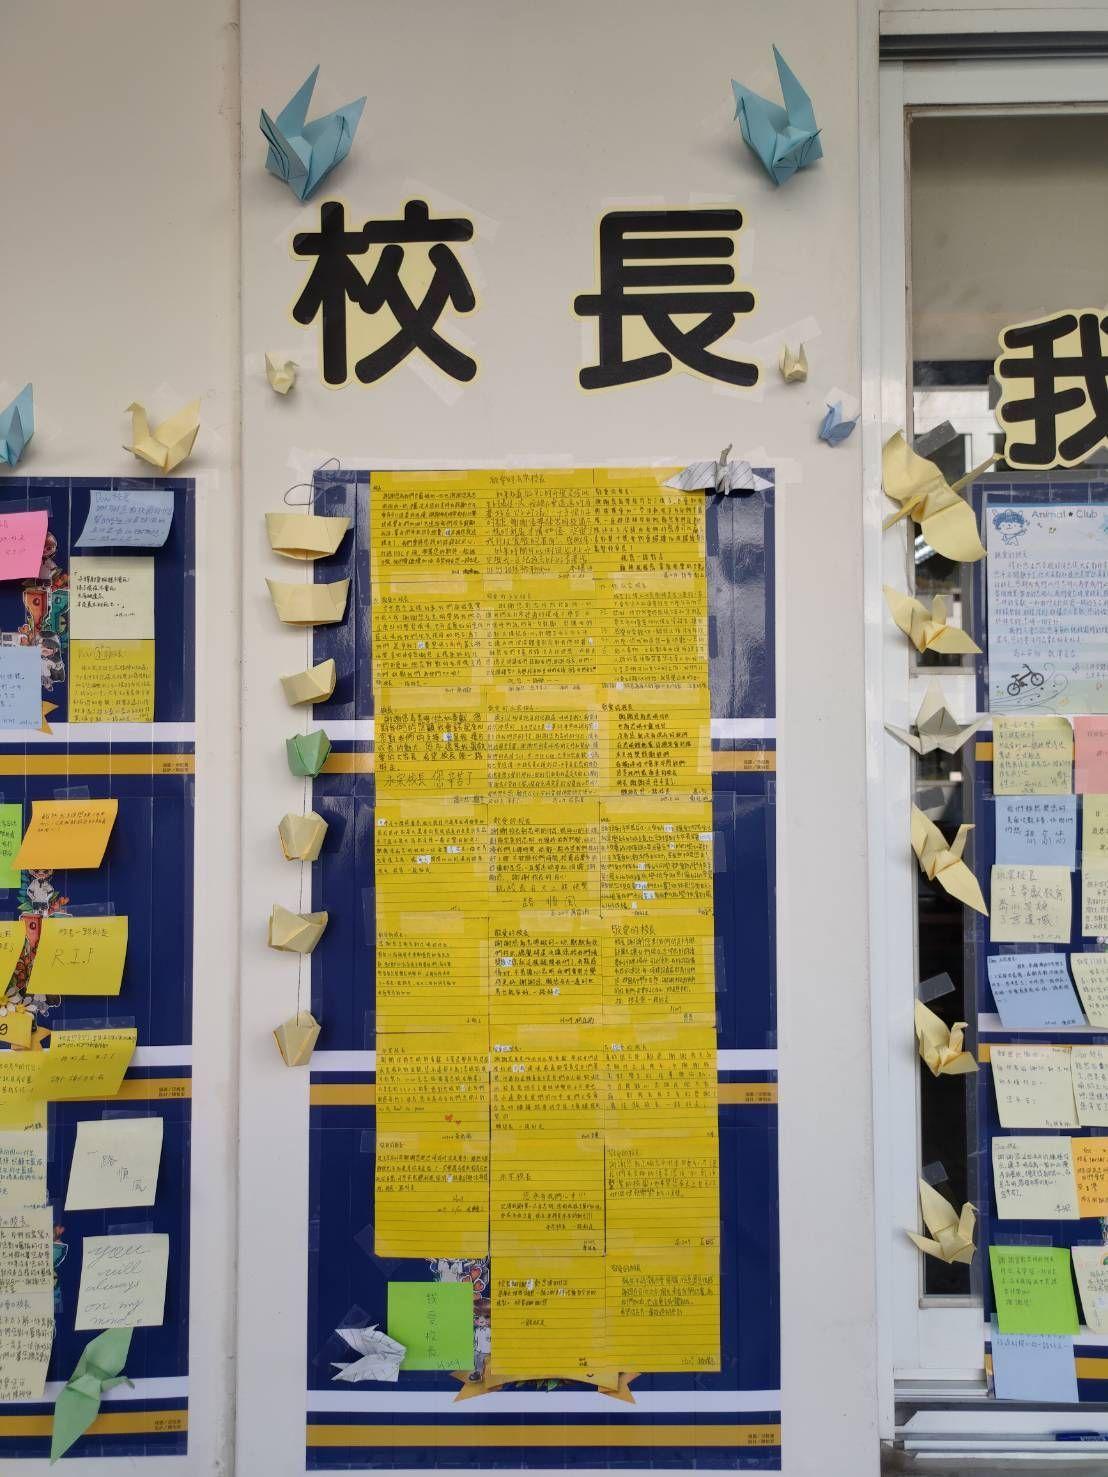 台中市忠明高中校長張永宗昨天猝死家中,享年56歲。不少師生昨天放學前得知消息,自...